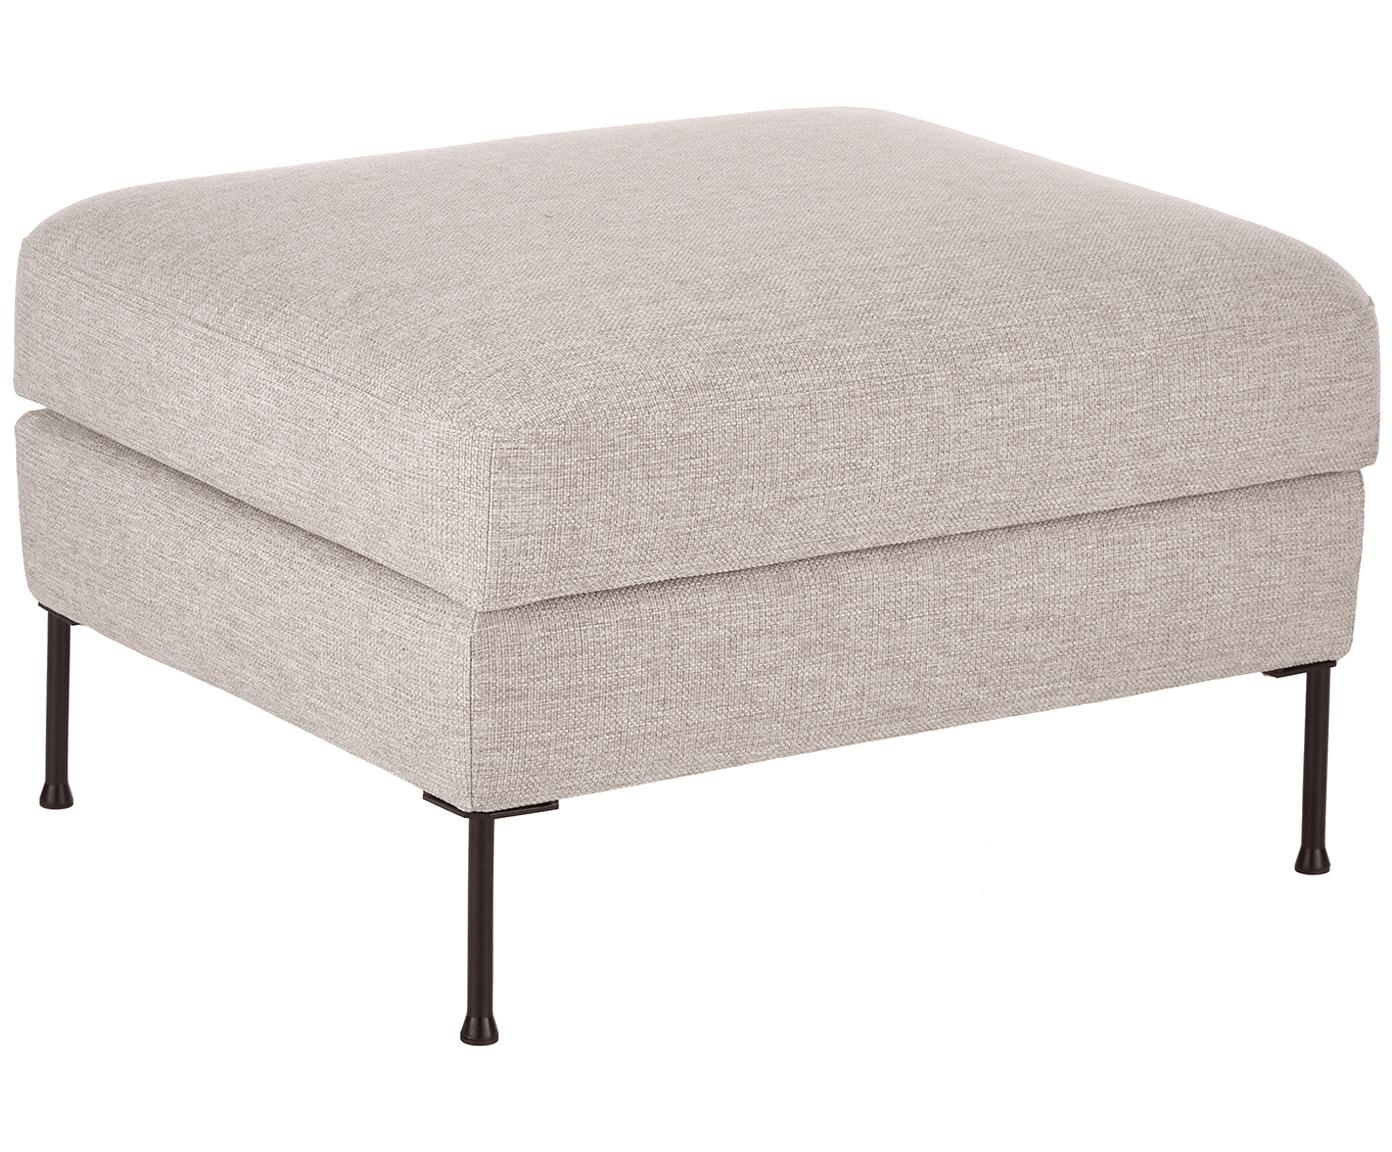 Voetenbank Cucita, Bekleding: geweven stof (polyester), Frame: massief grenenhout, Poten: gelakt metaal, Beige, 85 x 42 cm